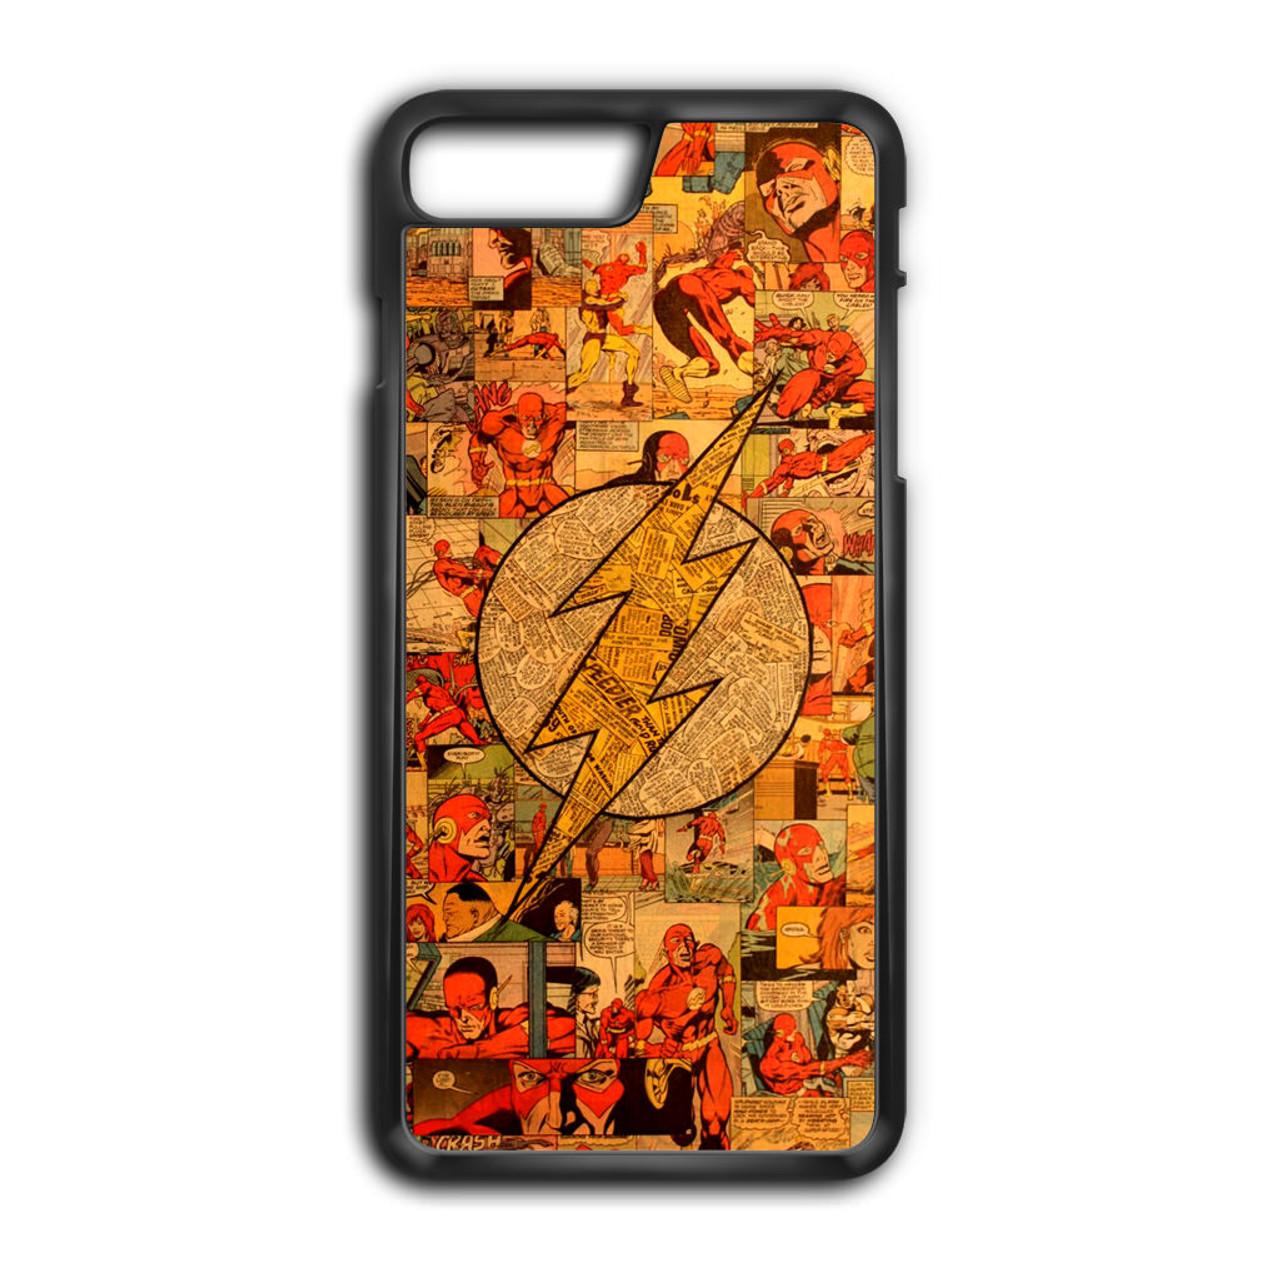 dc phone case iphone 8